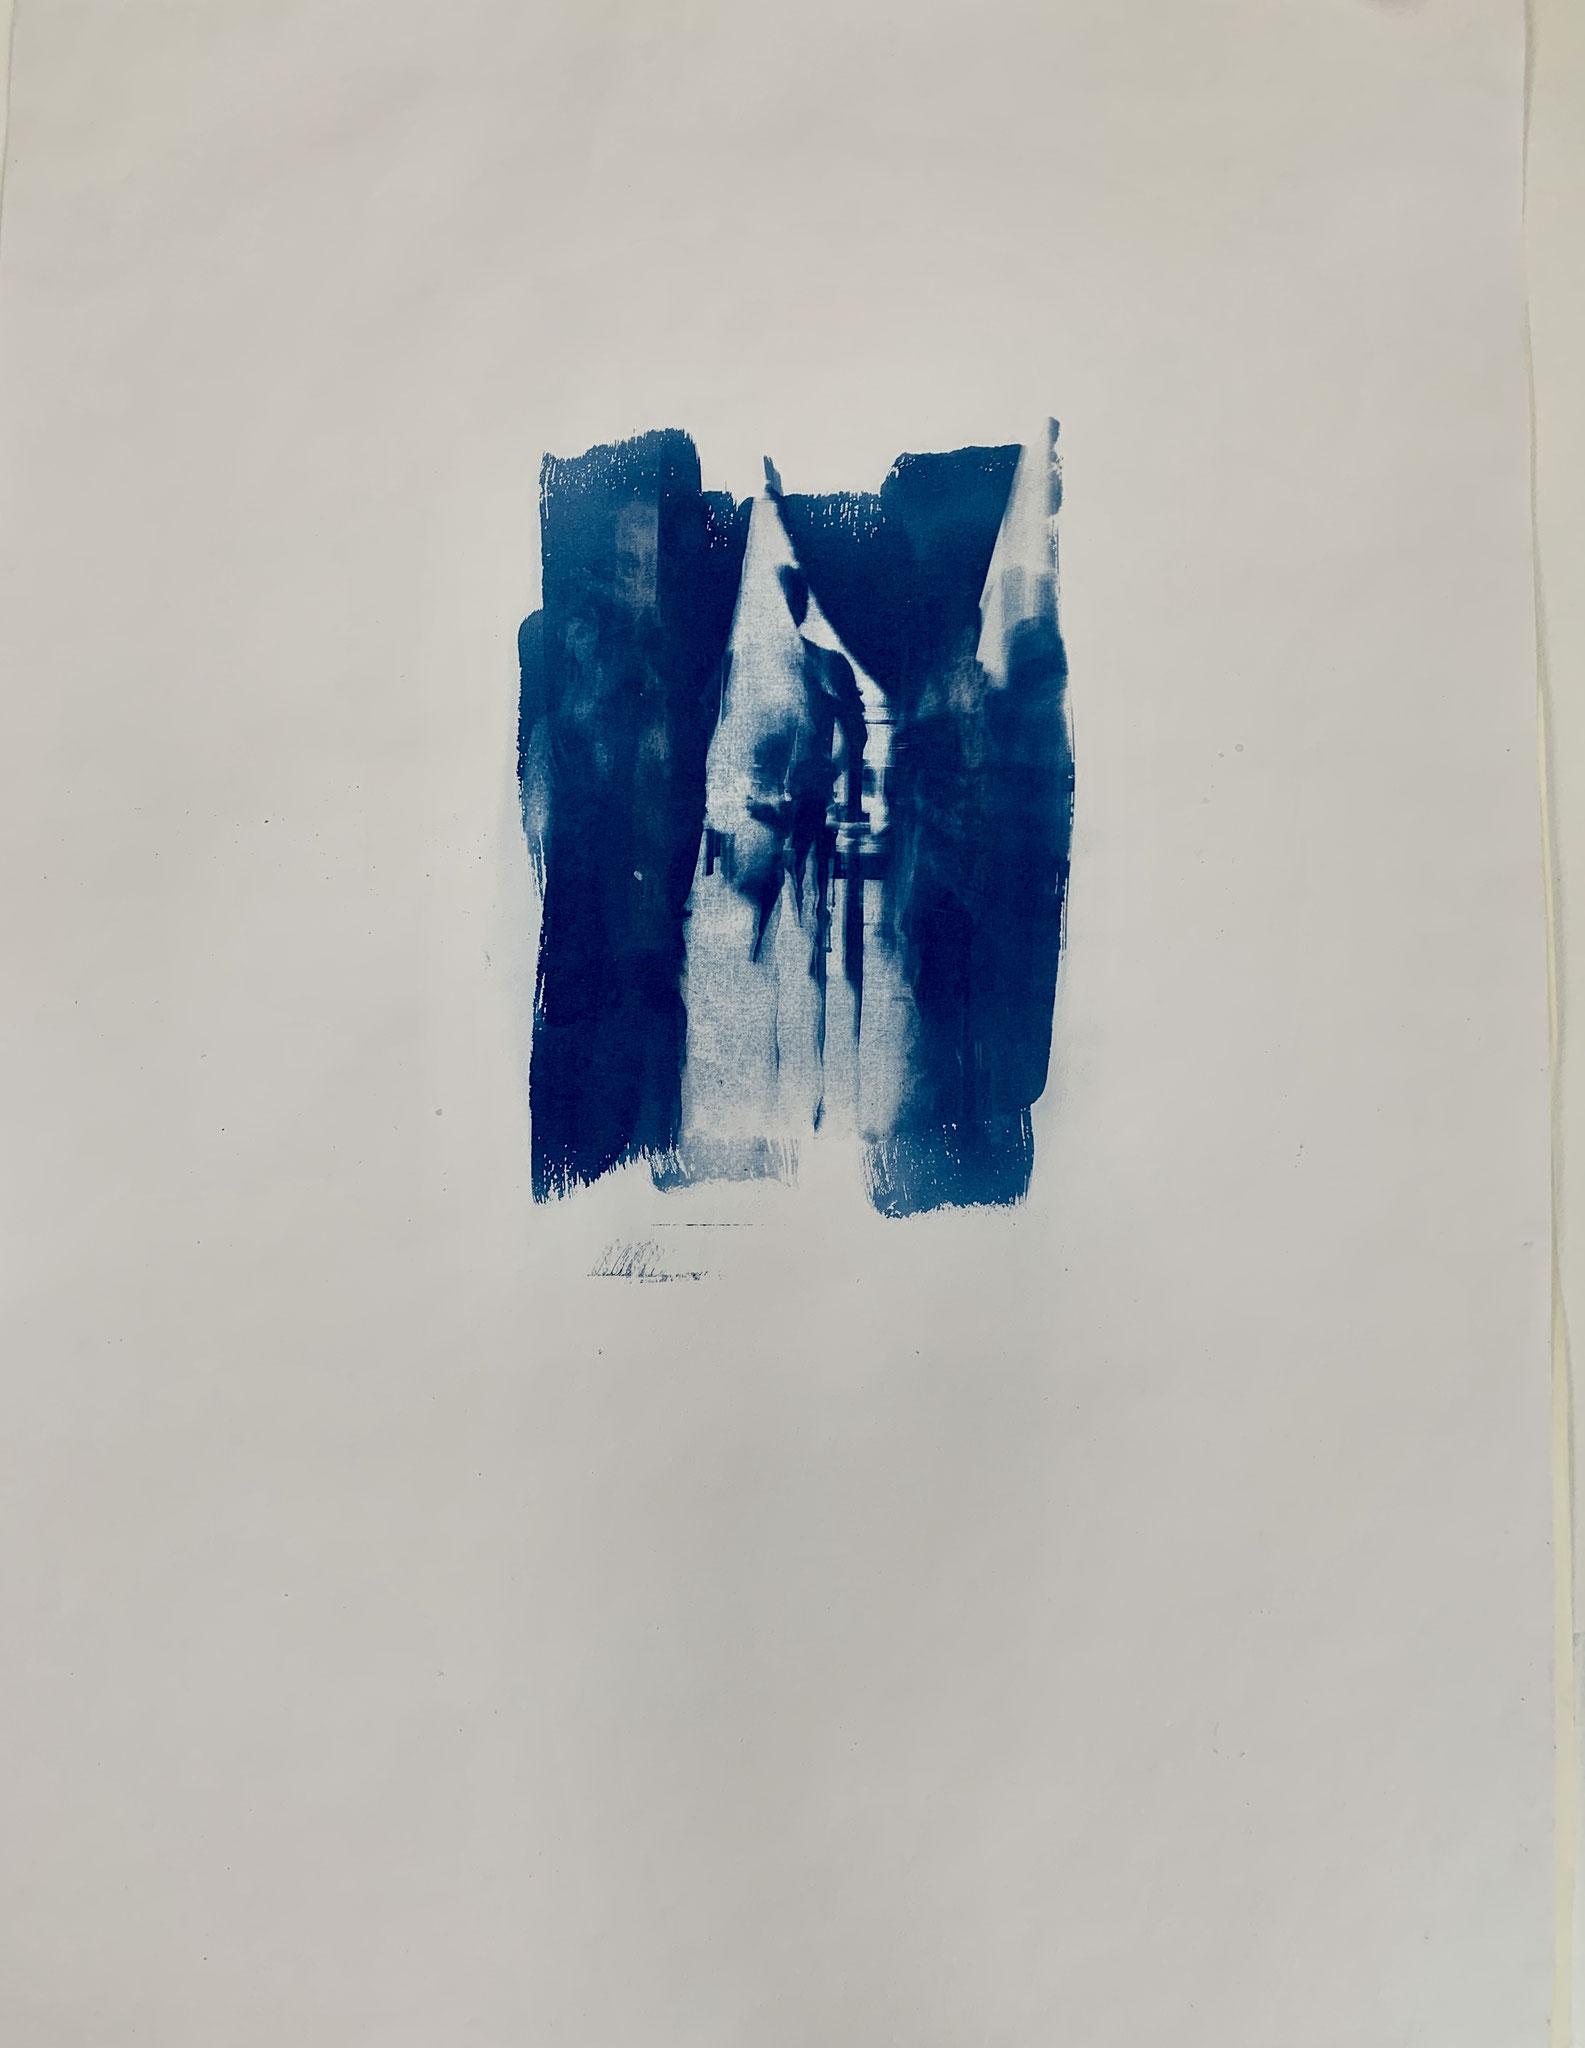 Alleinige Bindung, Cyanotypie, 50 x 70 cm,  2020